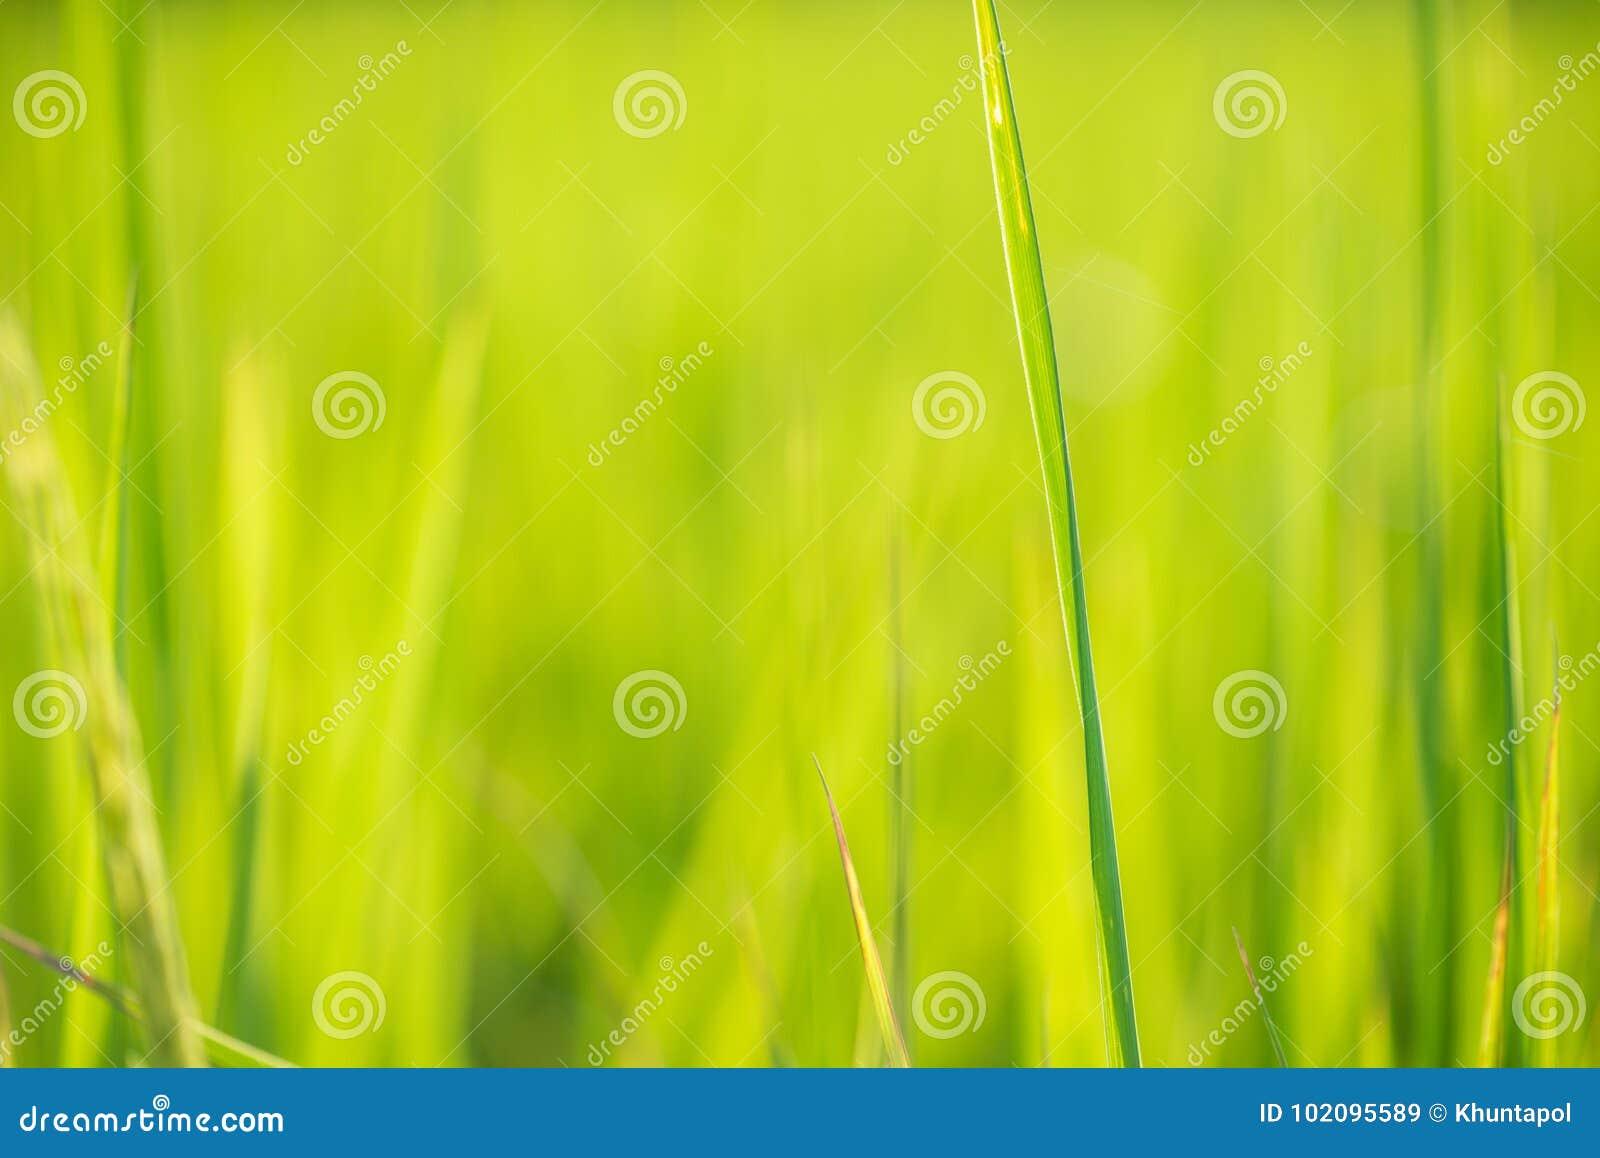 迷离绿色米叶子背景